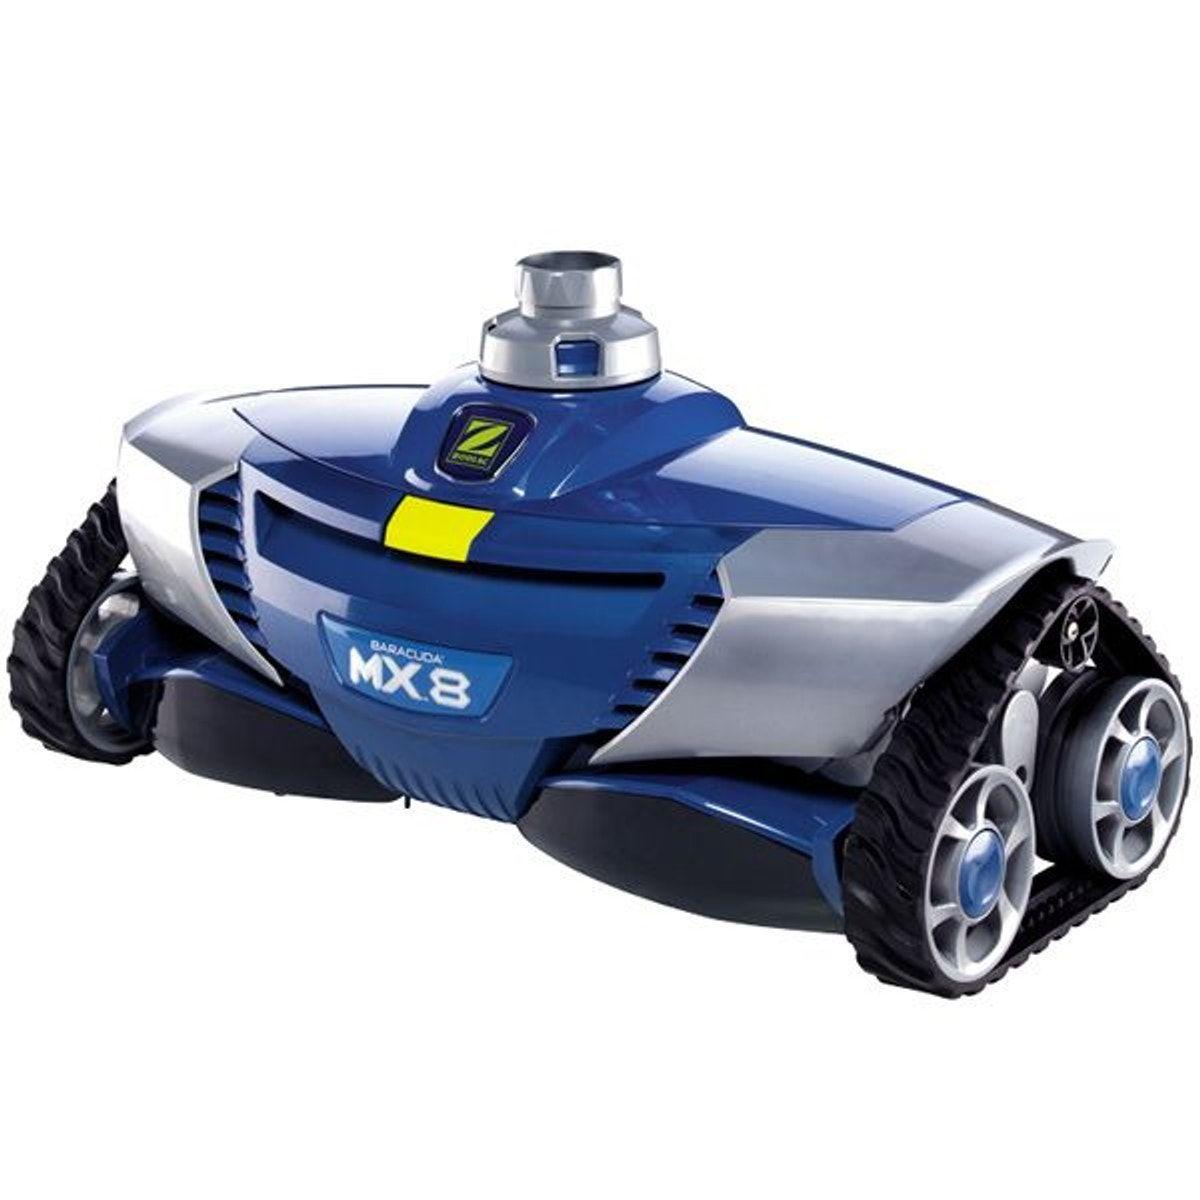 Robot Hydraulique De Nettoyage De Piscine Mx8 Taille Taille